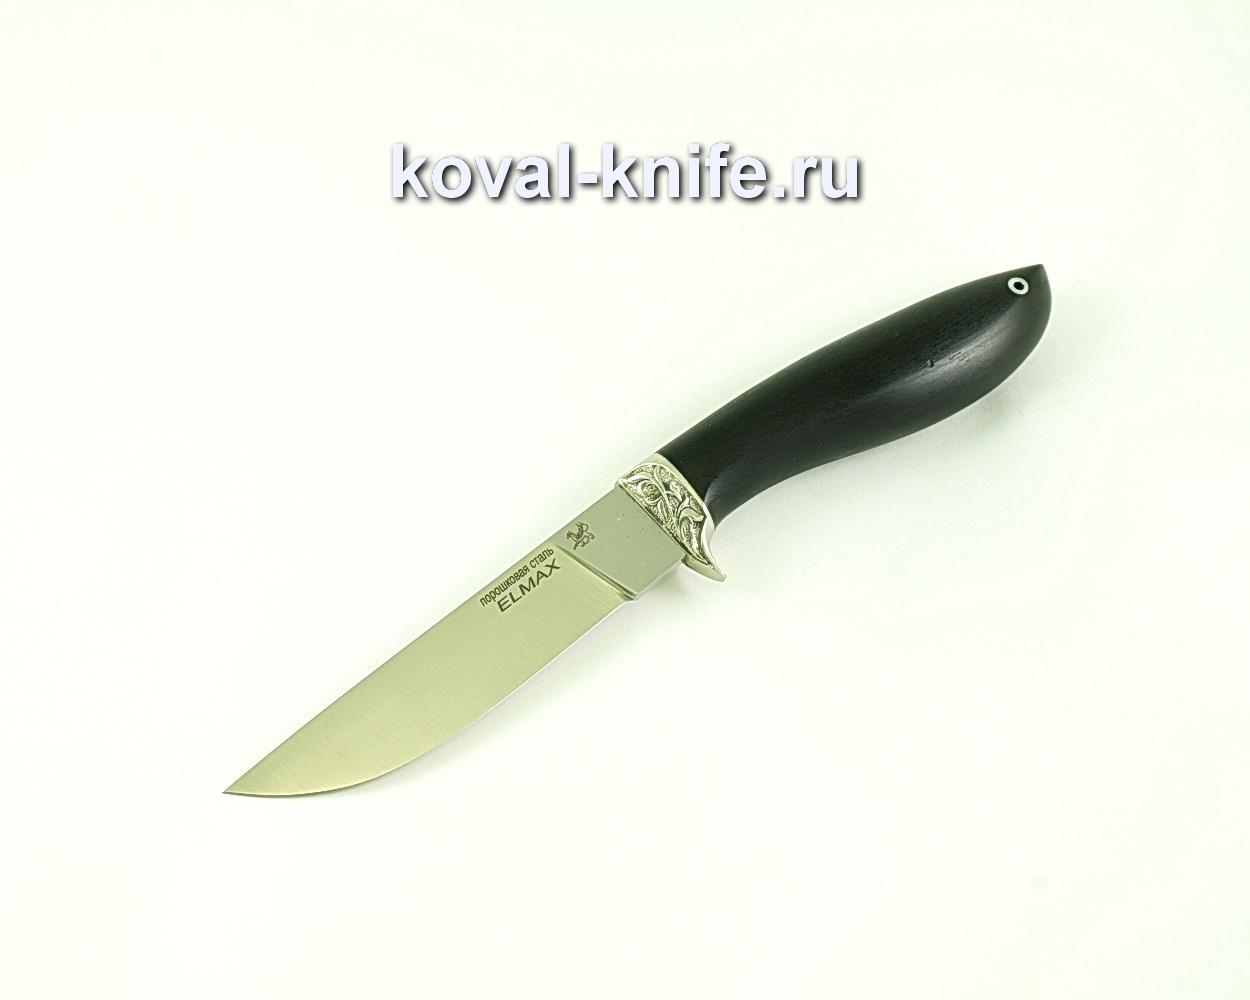 Нож Белка (сталь Elmax), рукоять граб, литье A335